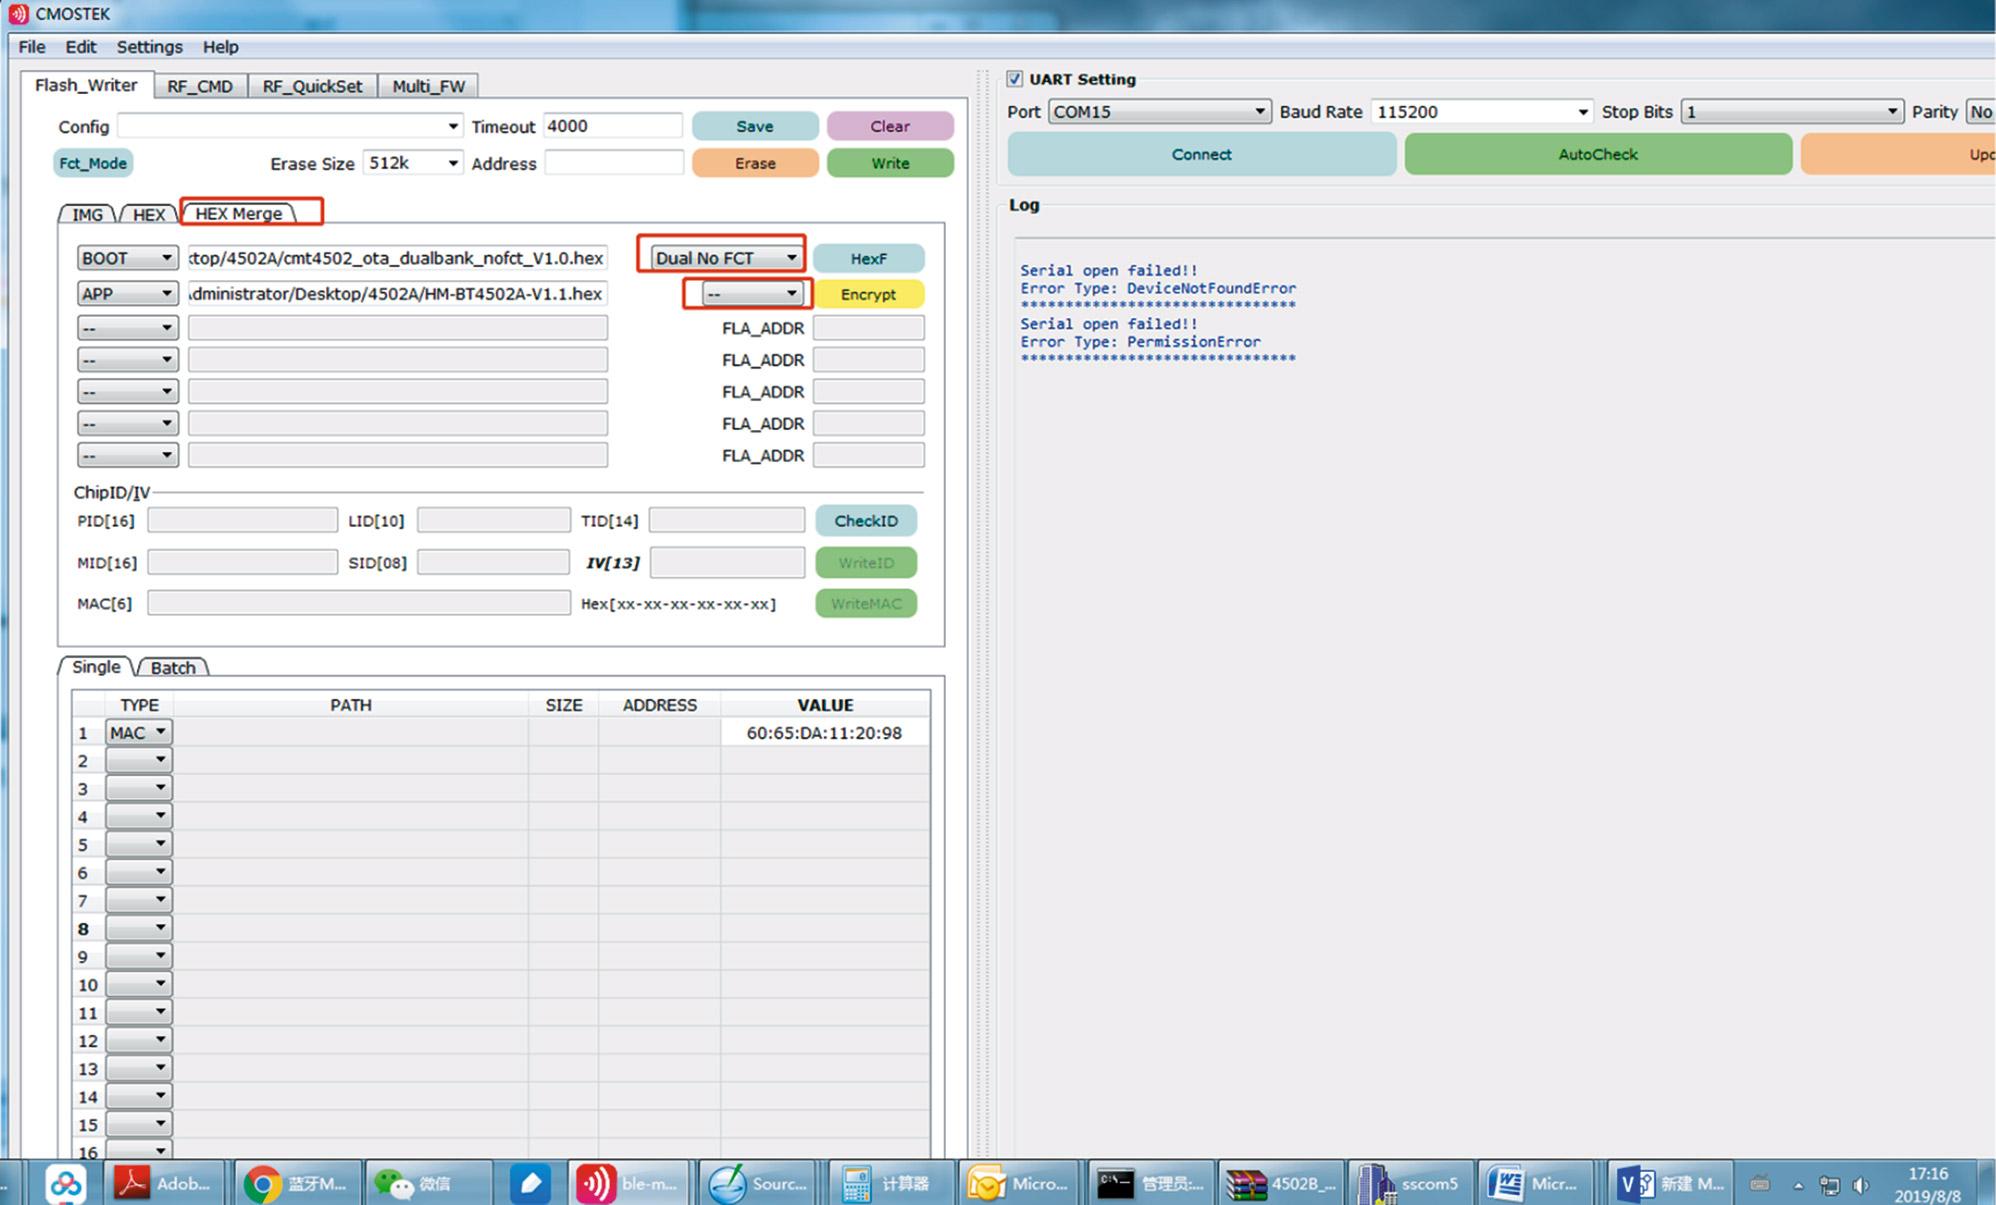 Утилита от CMOSTEK для загрузки пользовательского кода в модуль HM-BT4502B